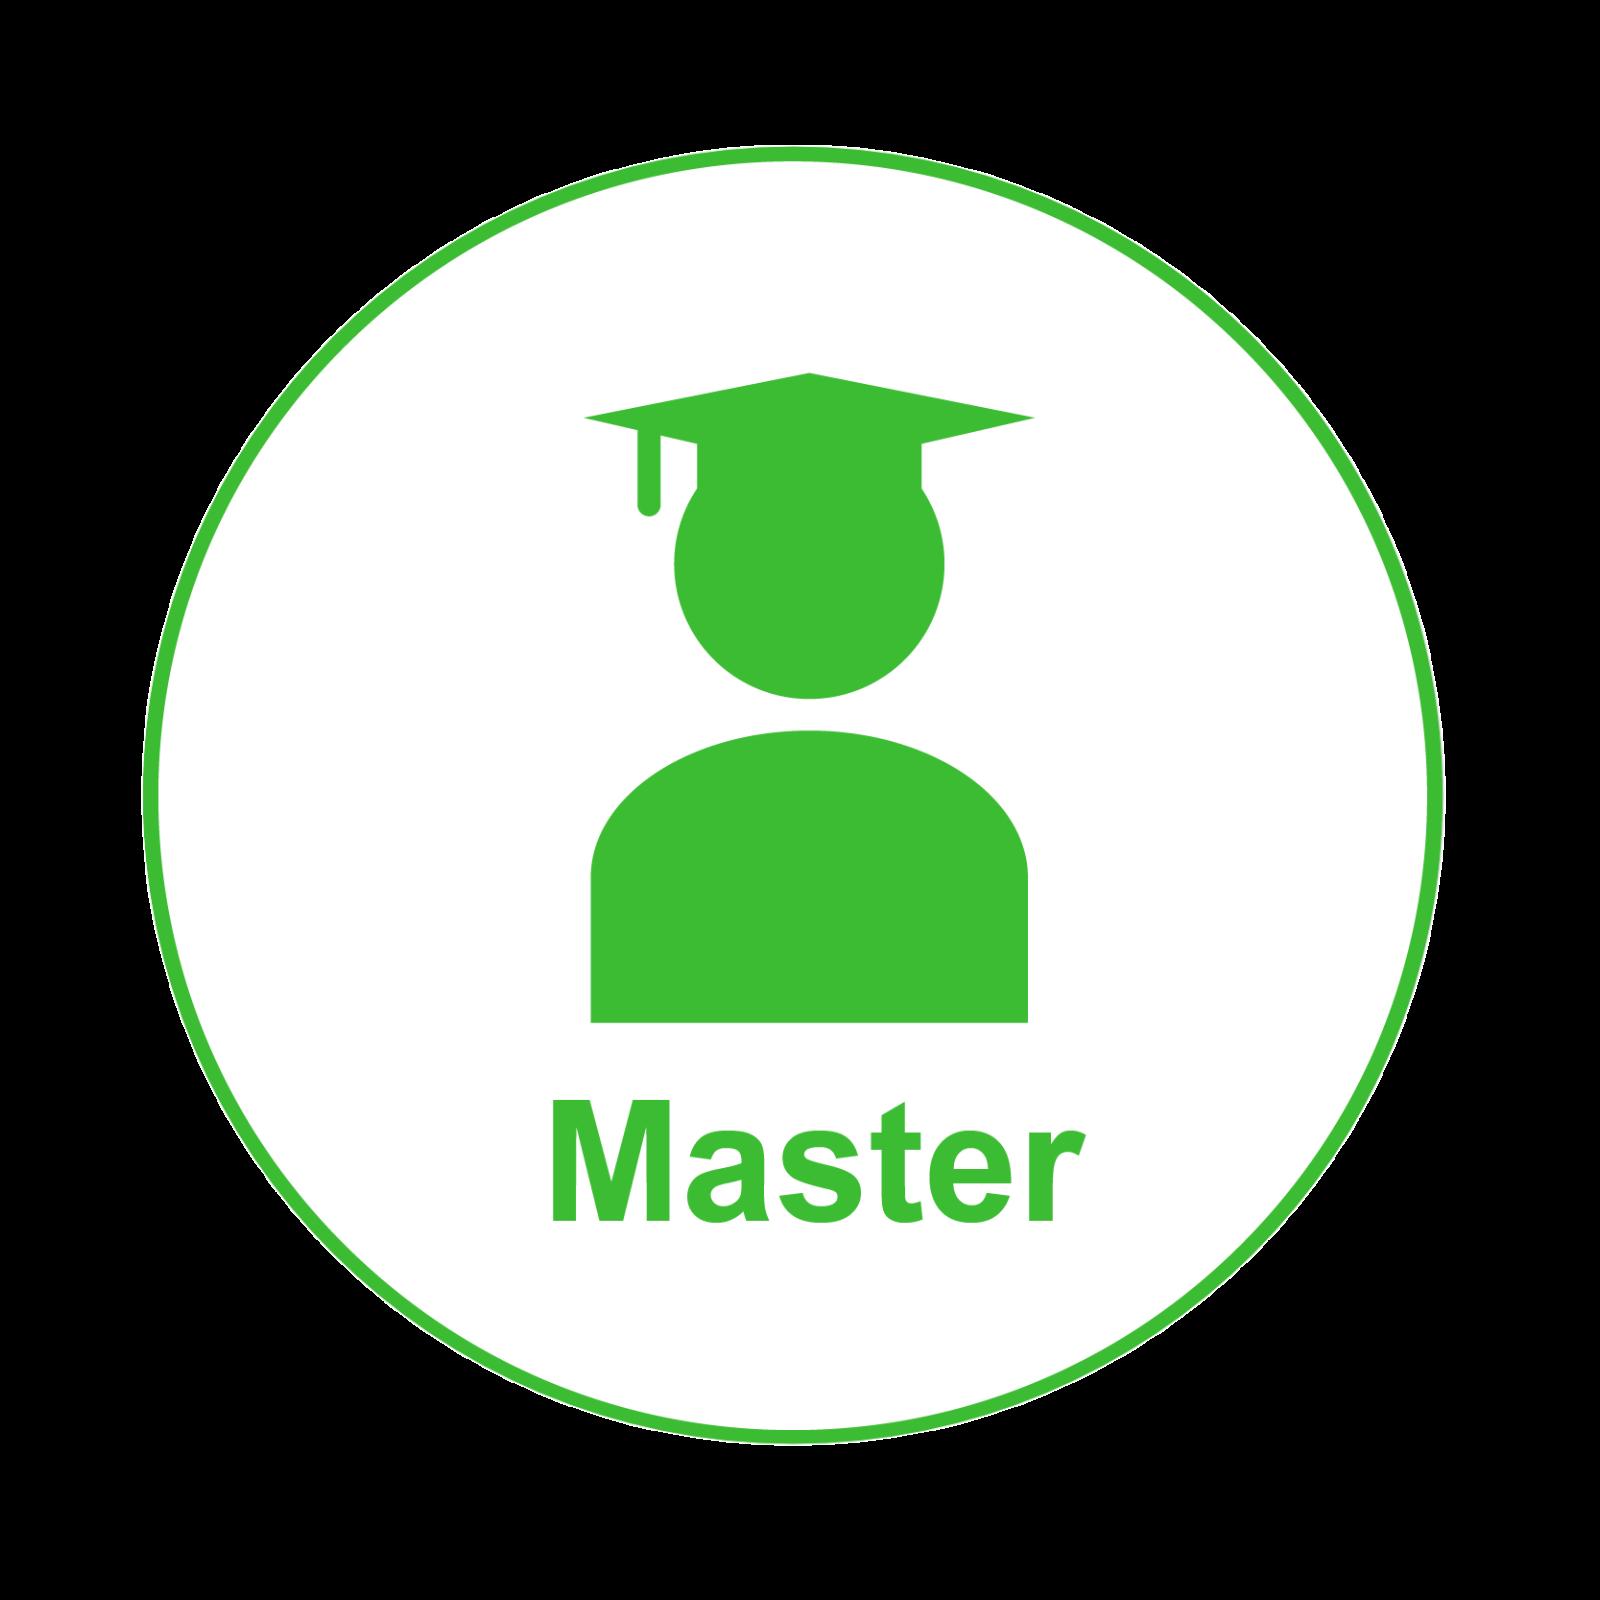 Master course logo